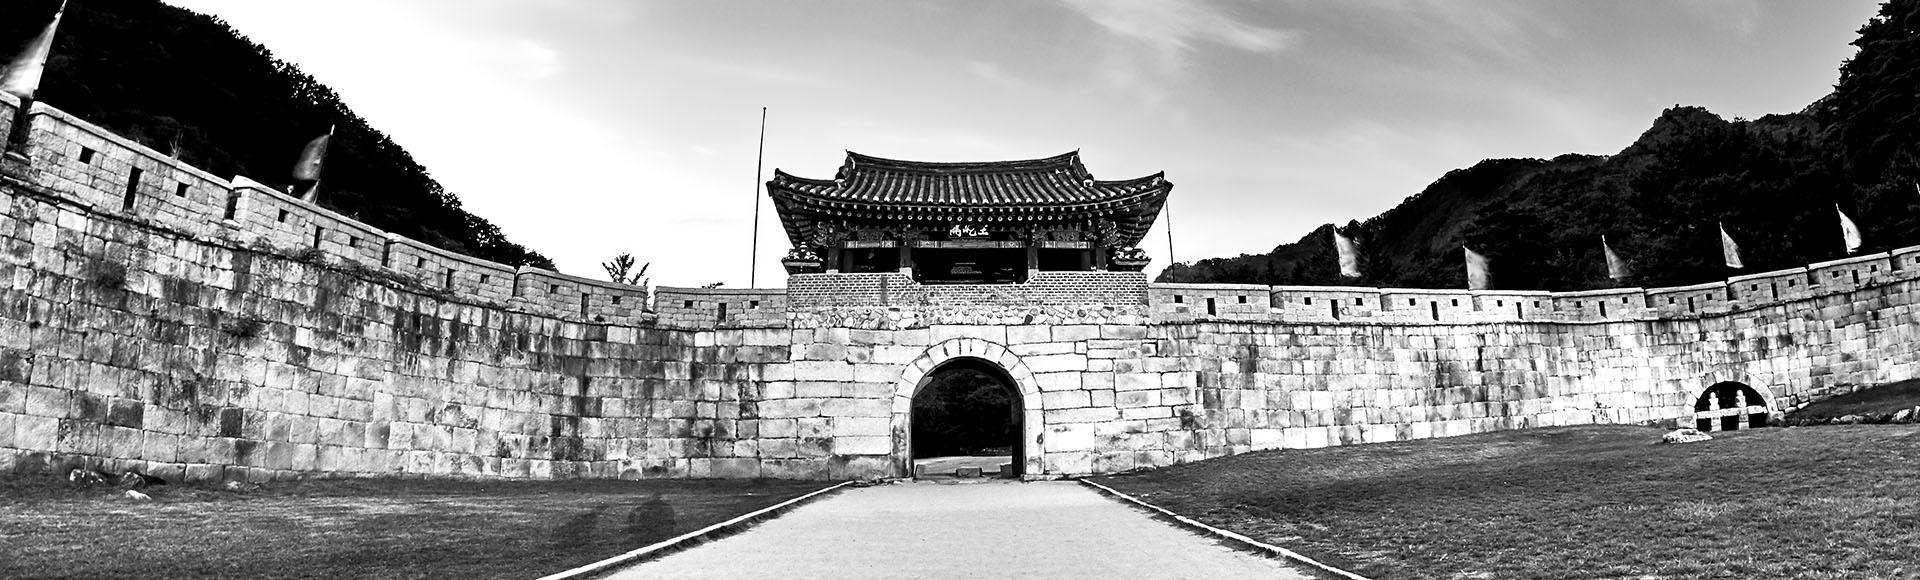 munkyung gate